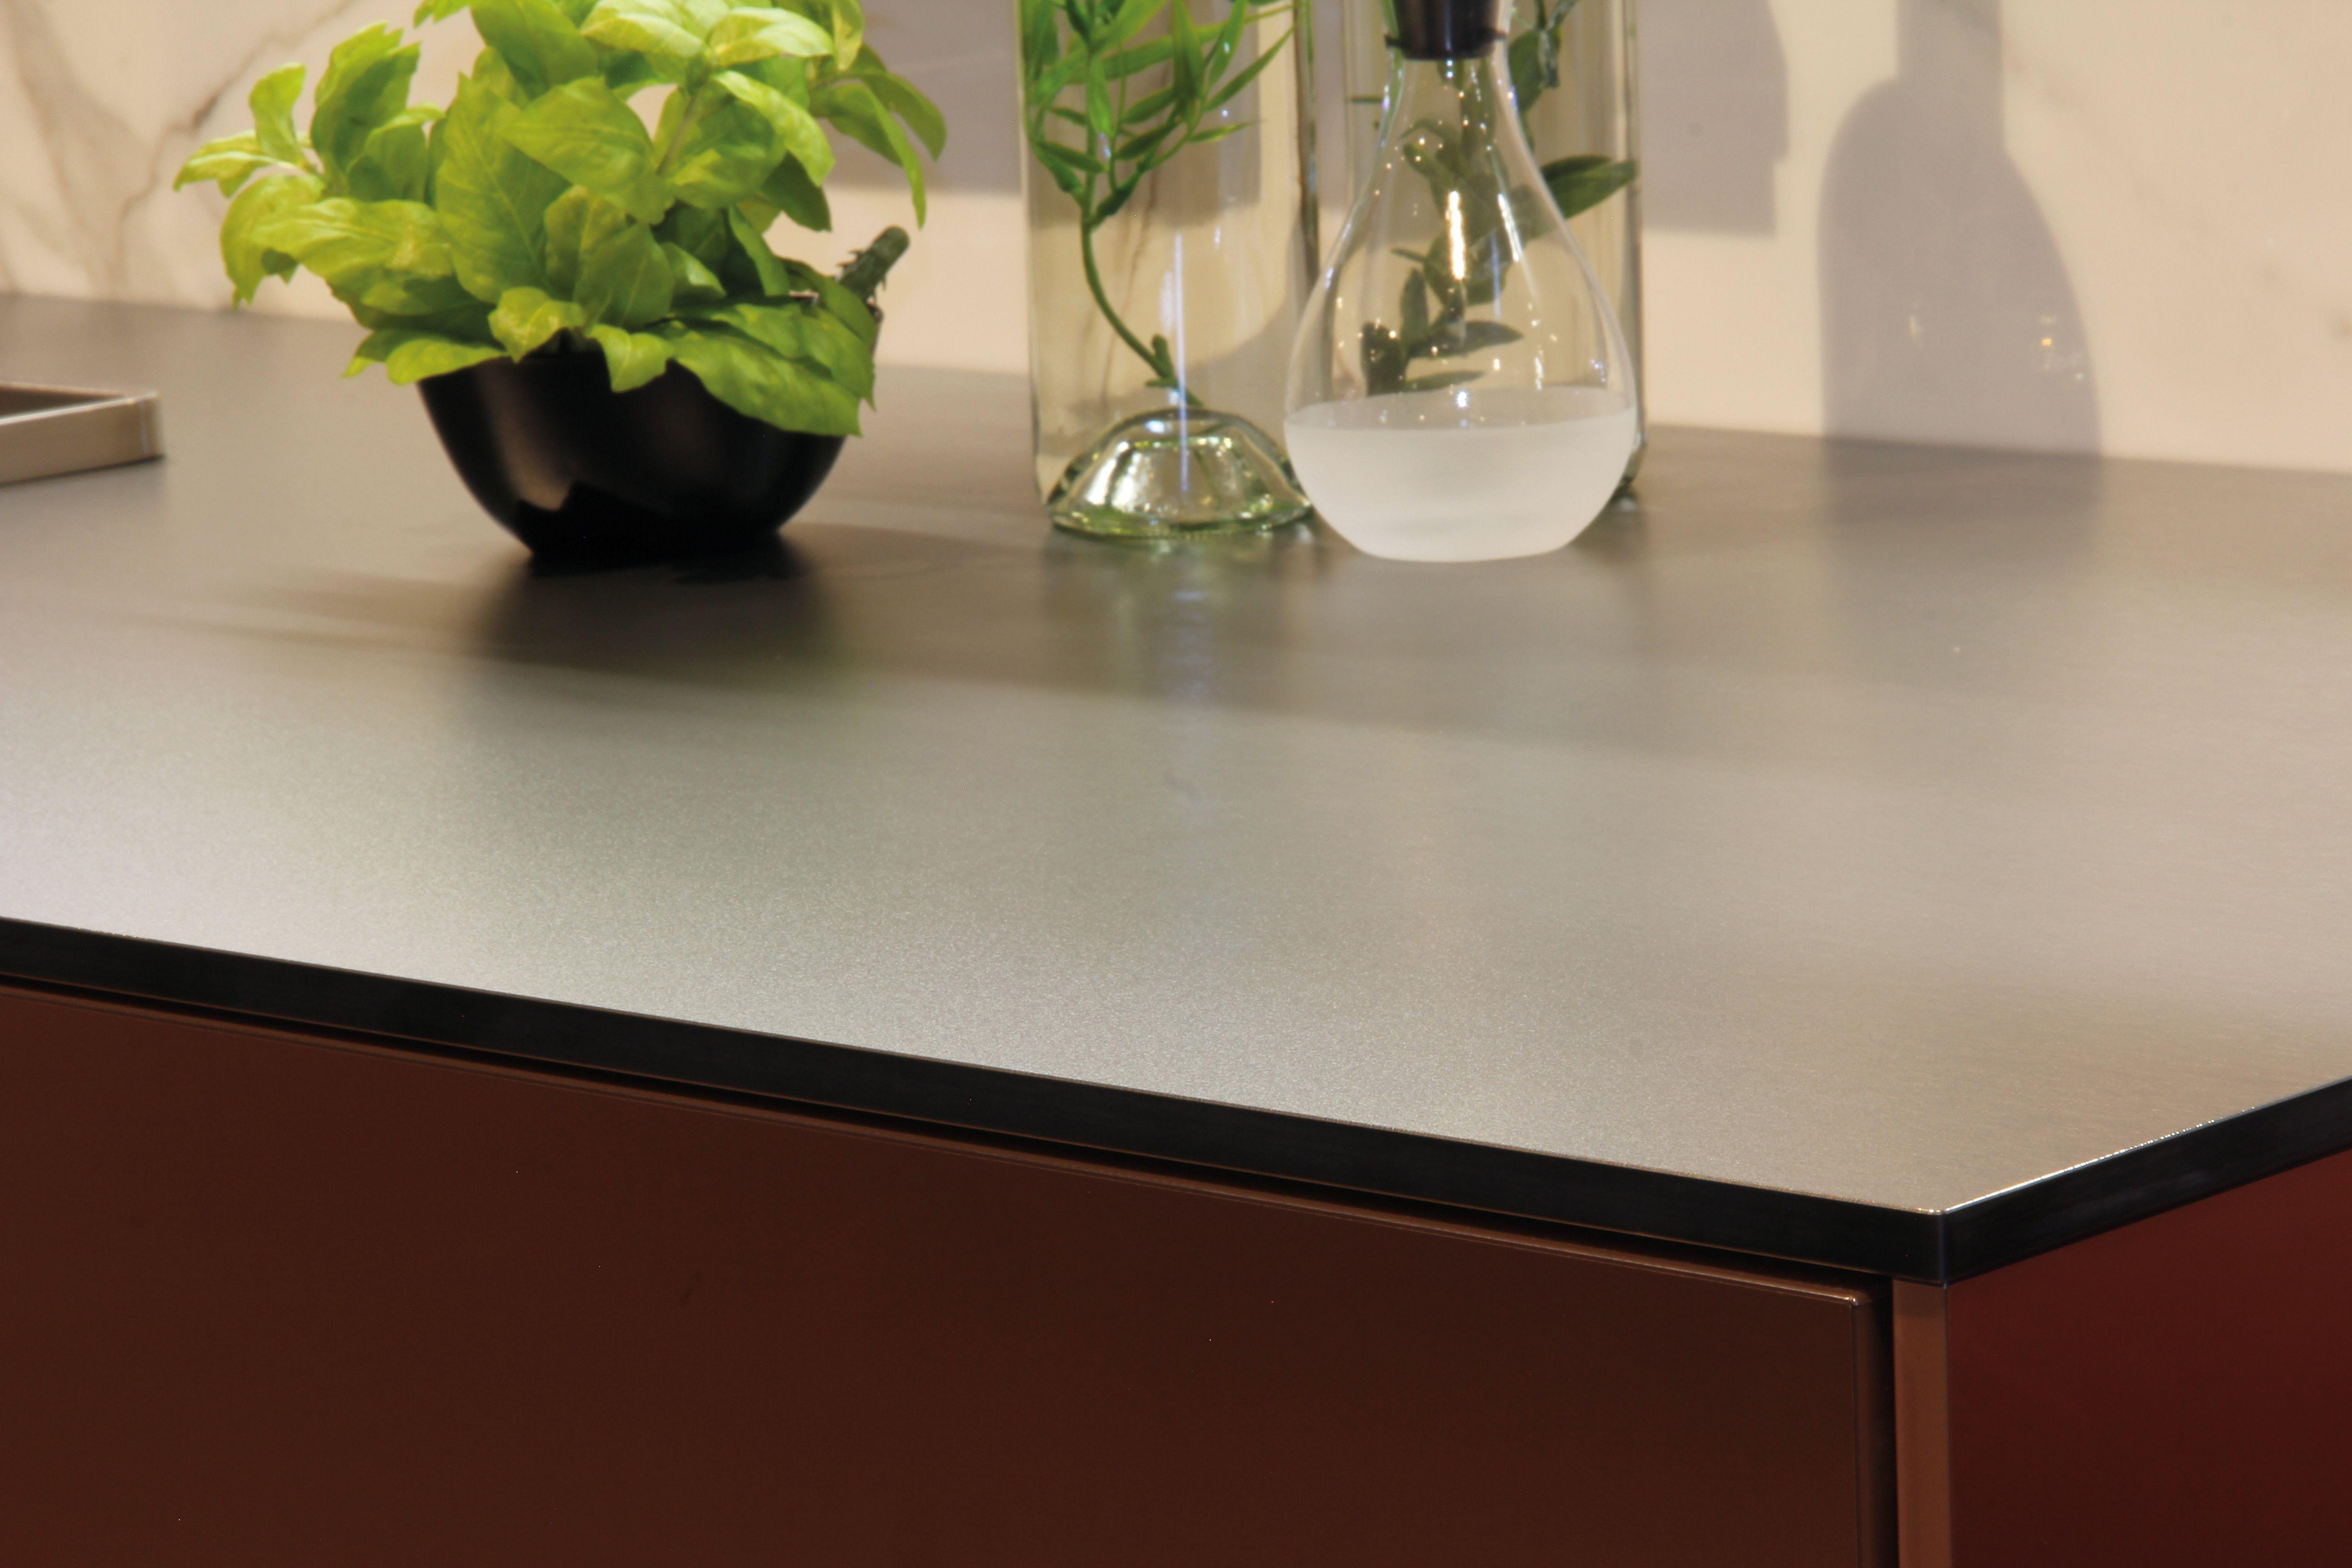 Outdoorküche Garten Obi : Obi outdoor küche küchenrückwand glas obi luxus glas für